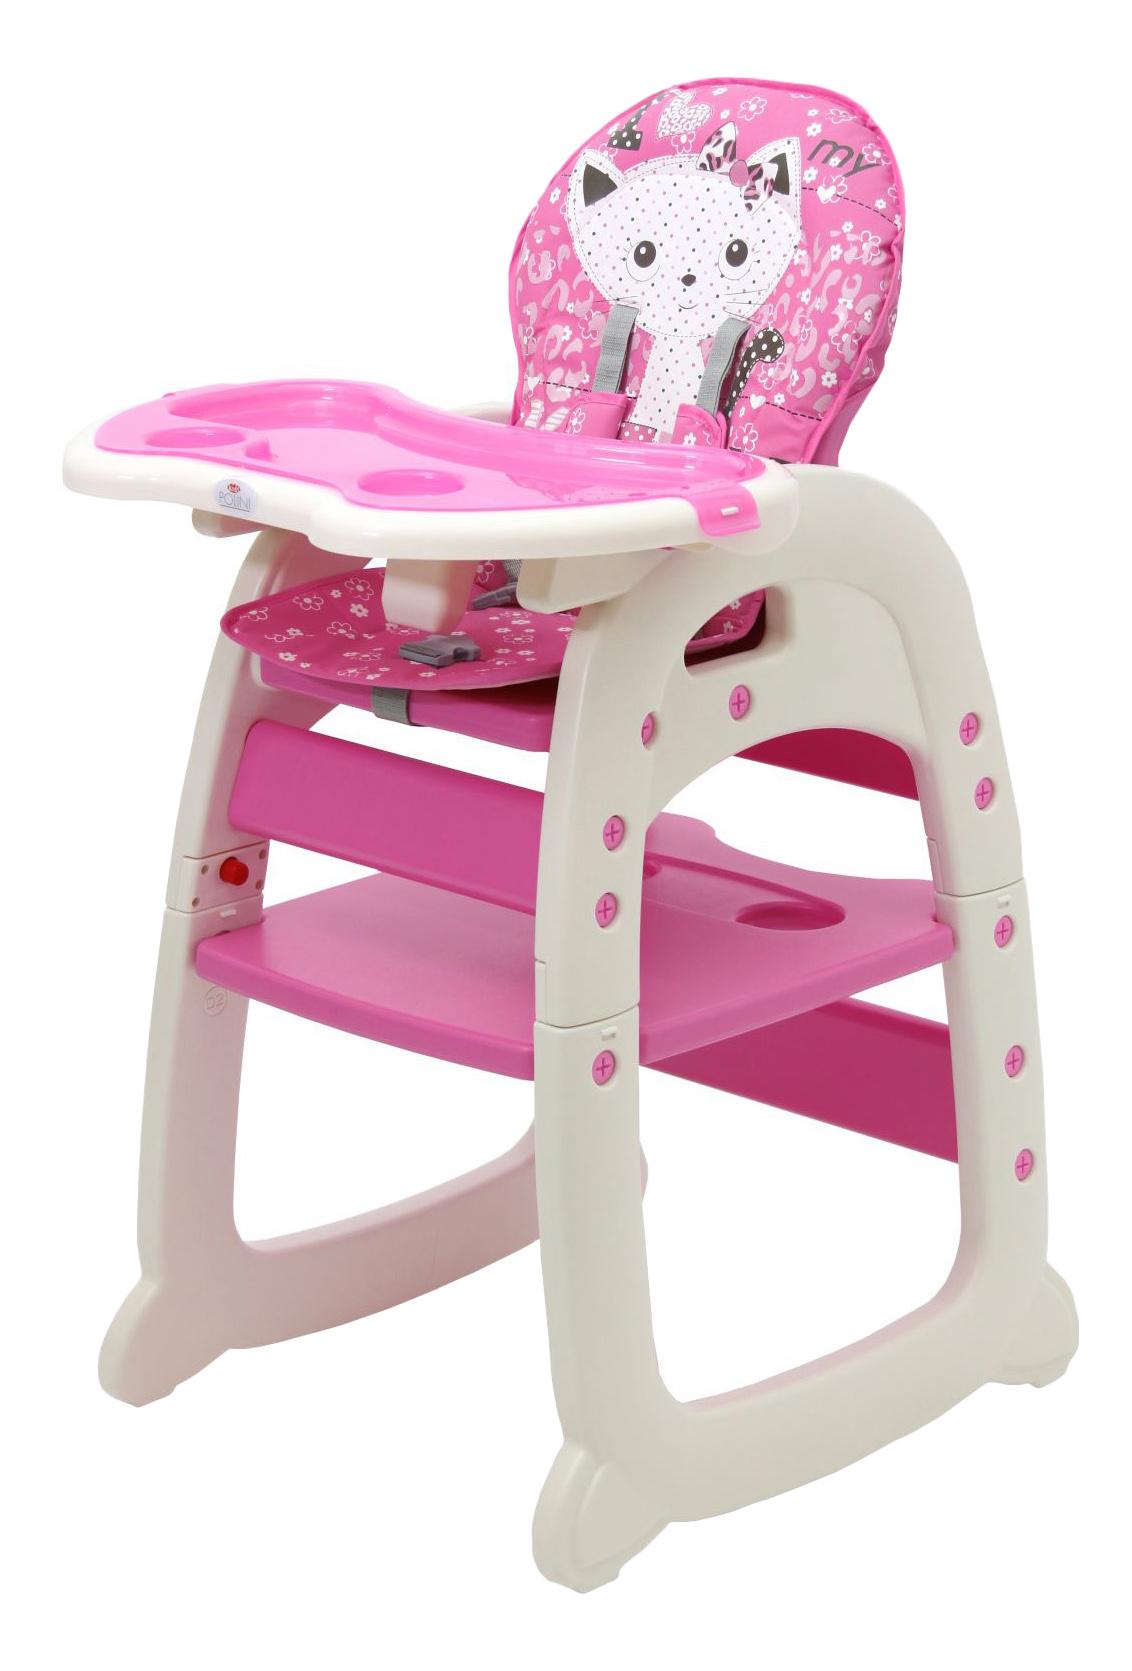 Купить Стульчик для кормления Тополь Polini 460 розовый, Стульчики для кормления